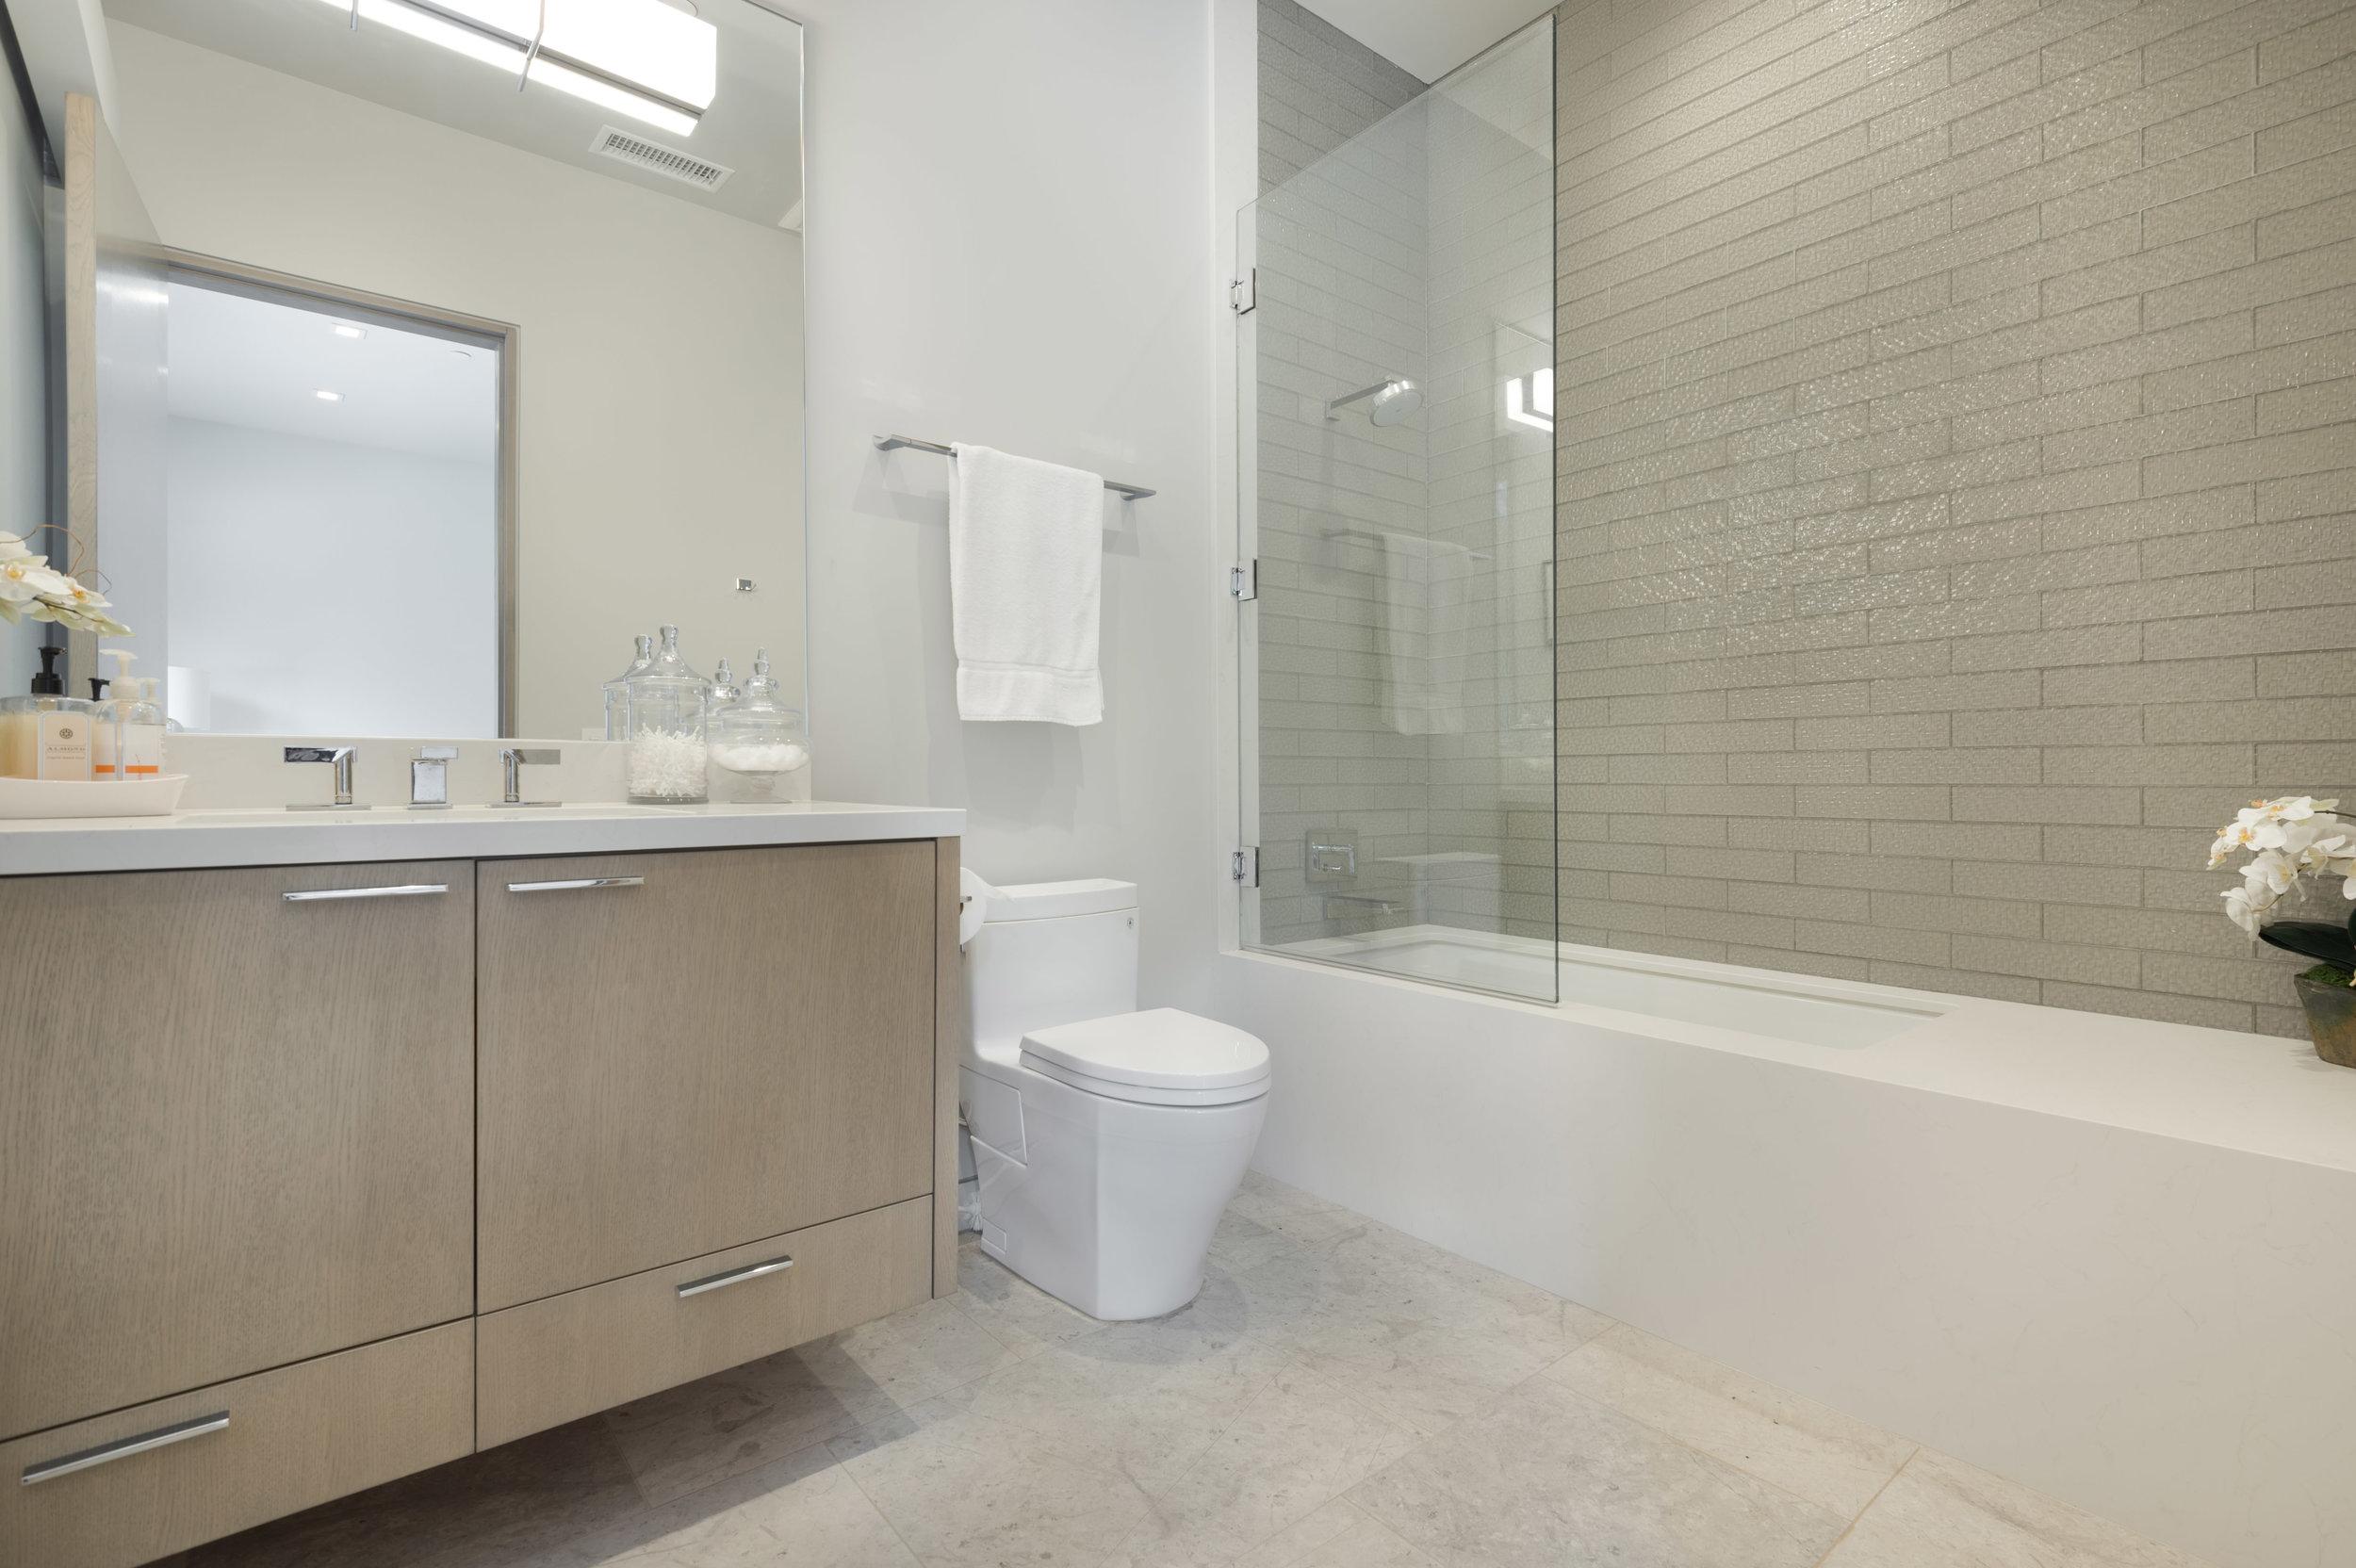 018 rest room 1 11902 Ellice Street Malibu For Sale The Malibu Life Team Luxury Real Estate.jpg